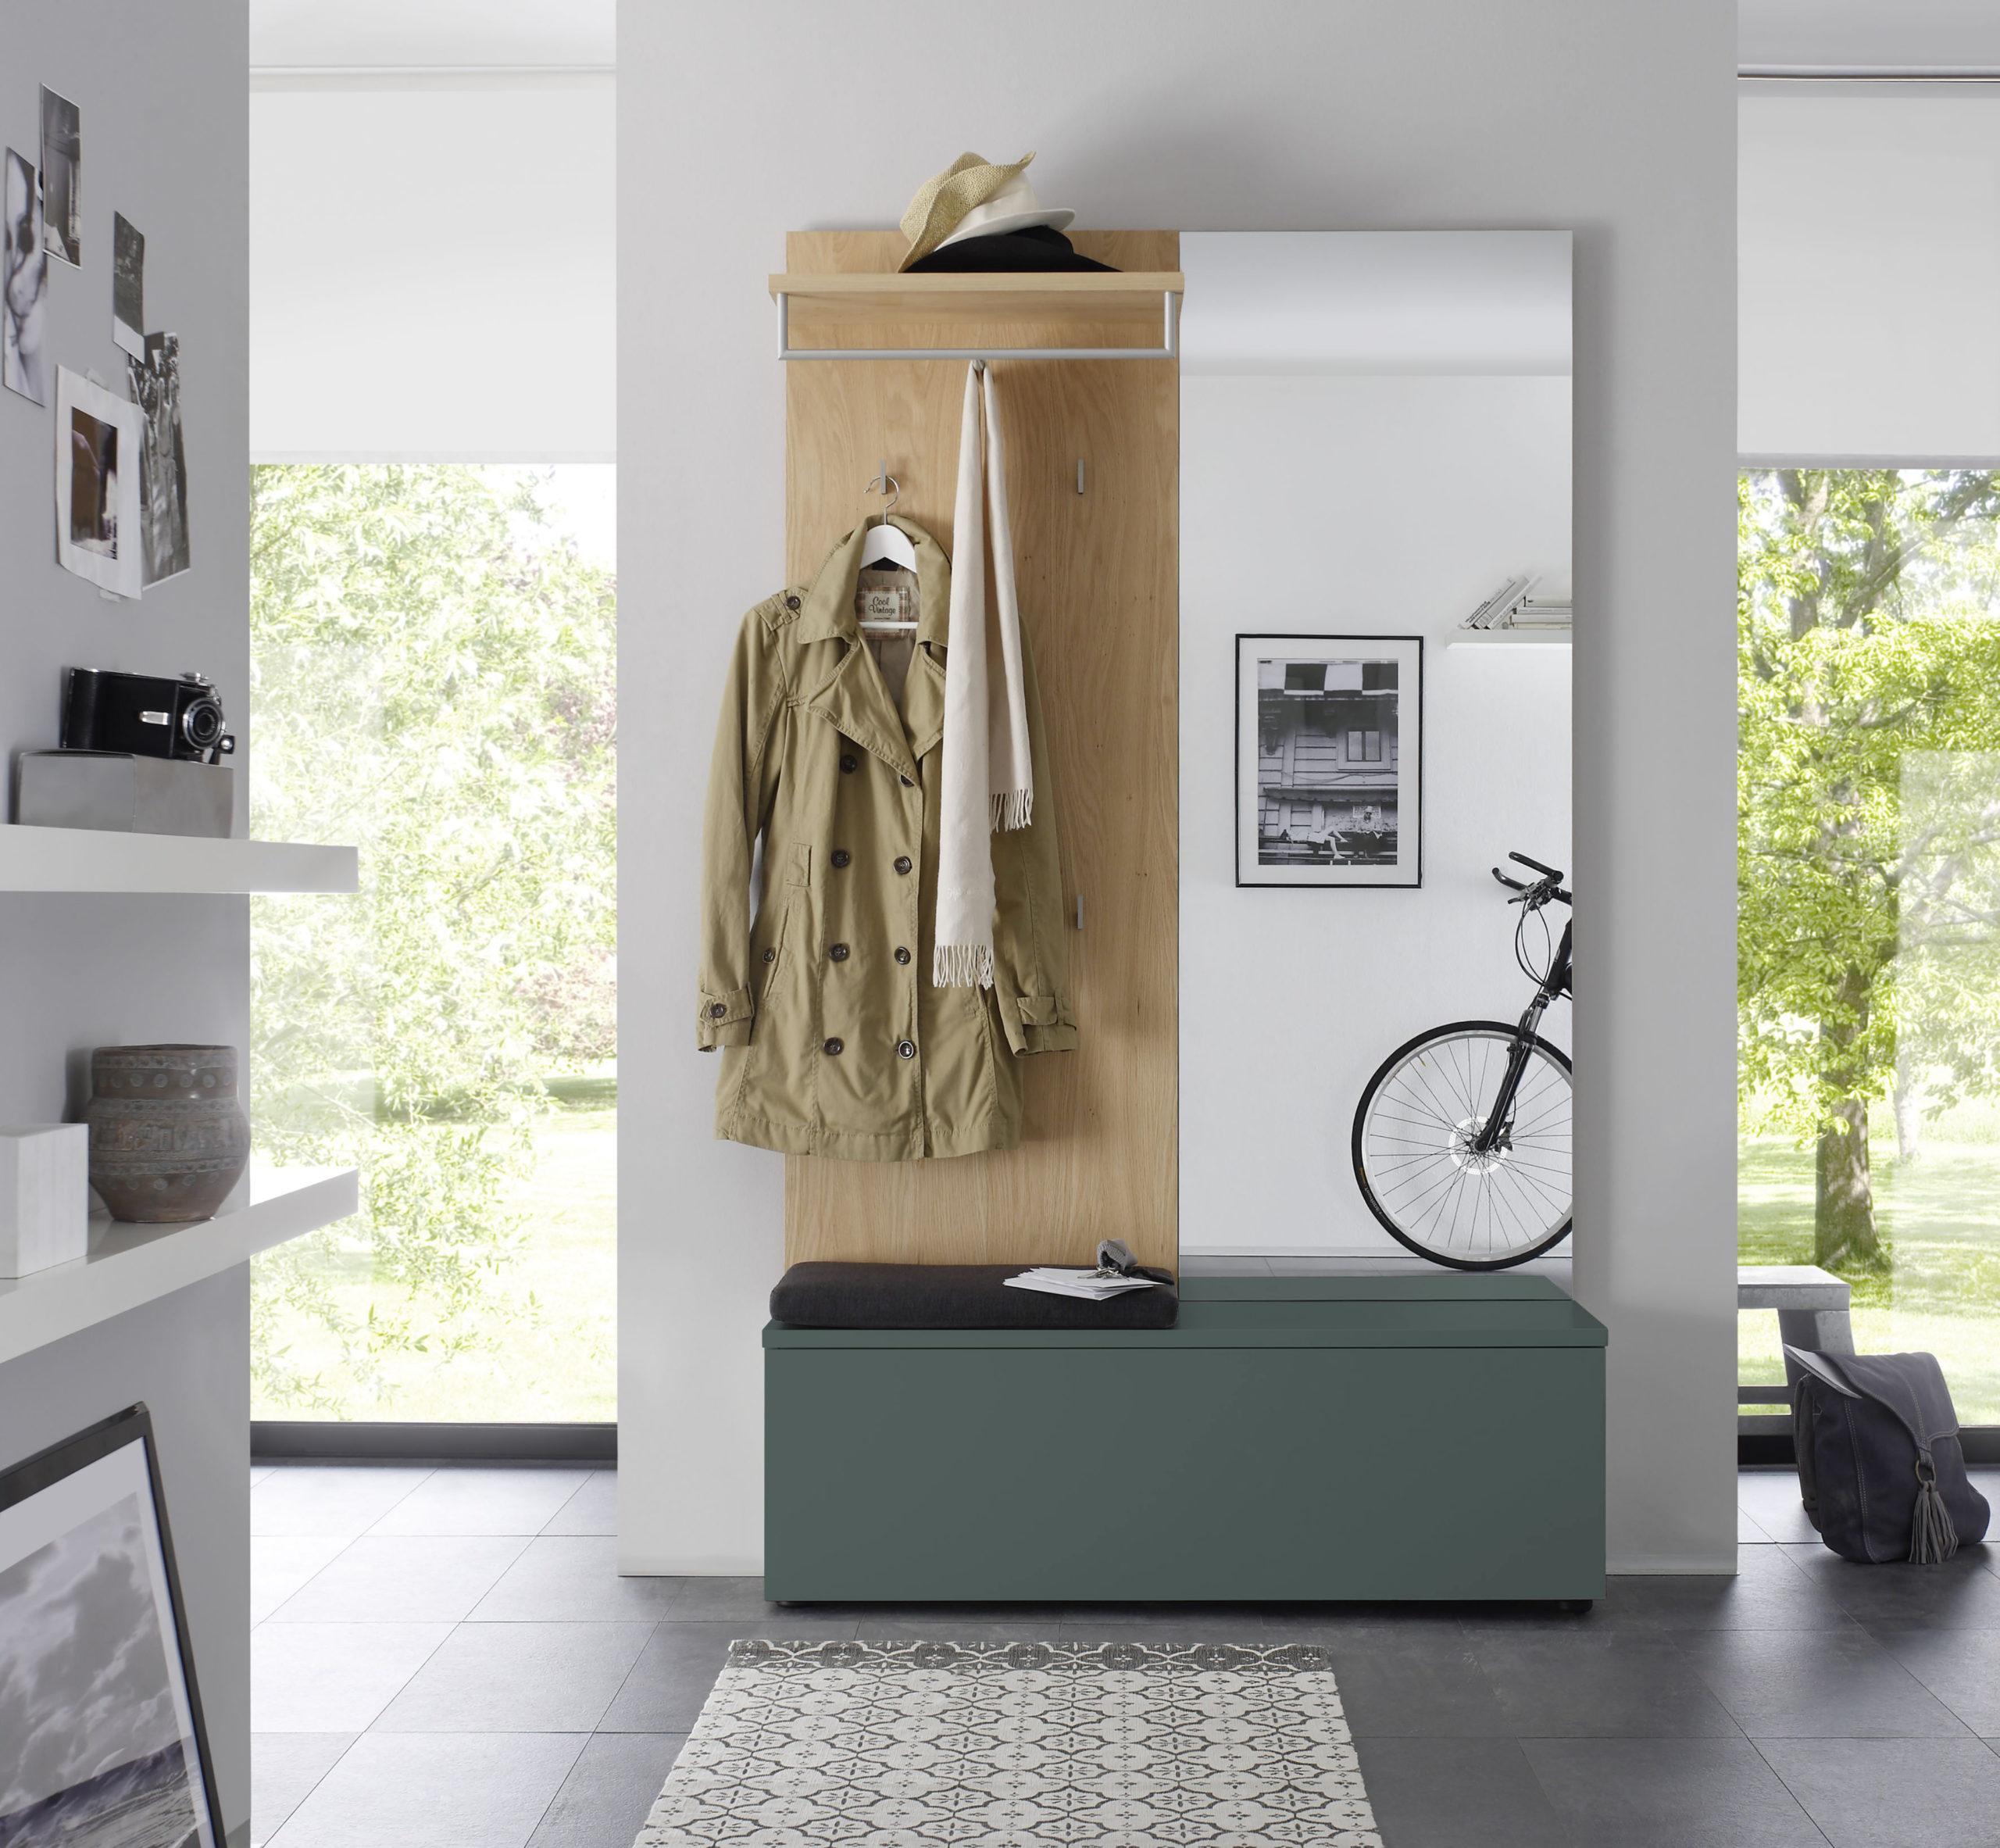 Sudbrock TANDO Garderobe in der Ausführung Ethno Eiche, Lack blaugrün #433